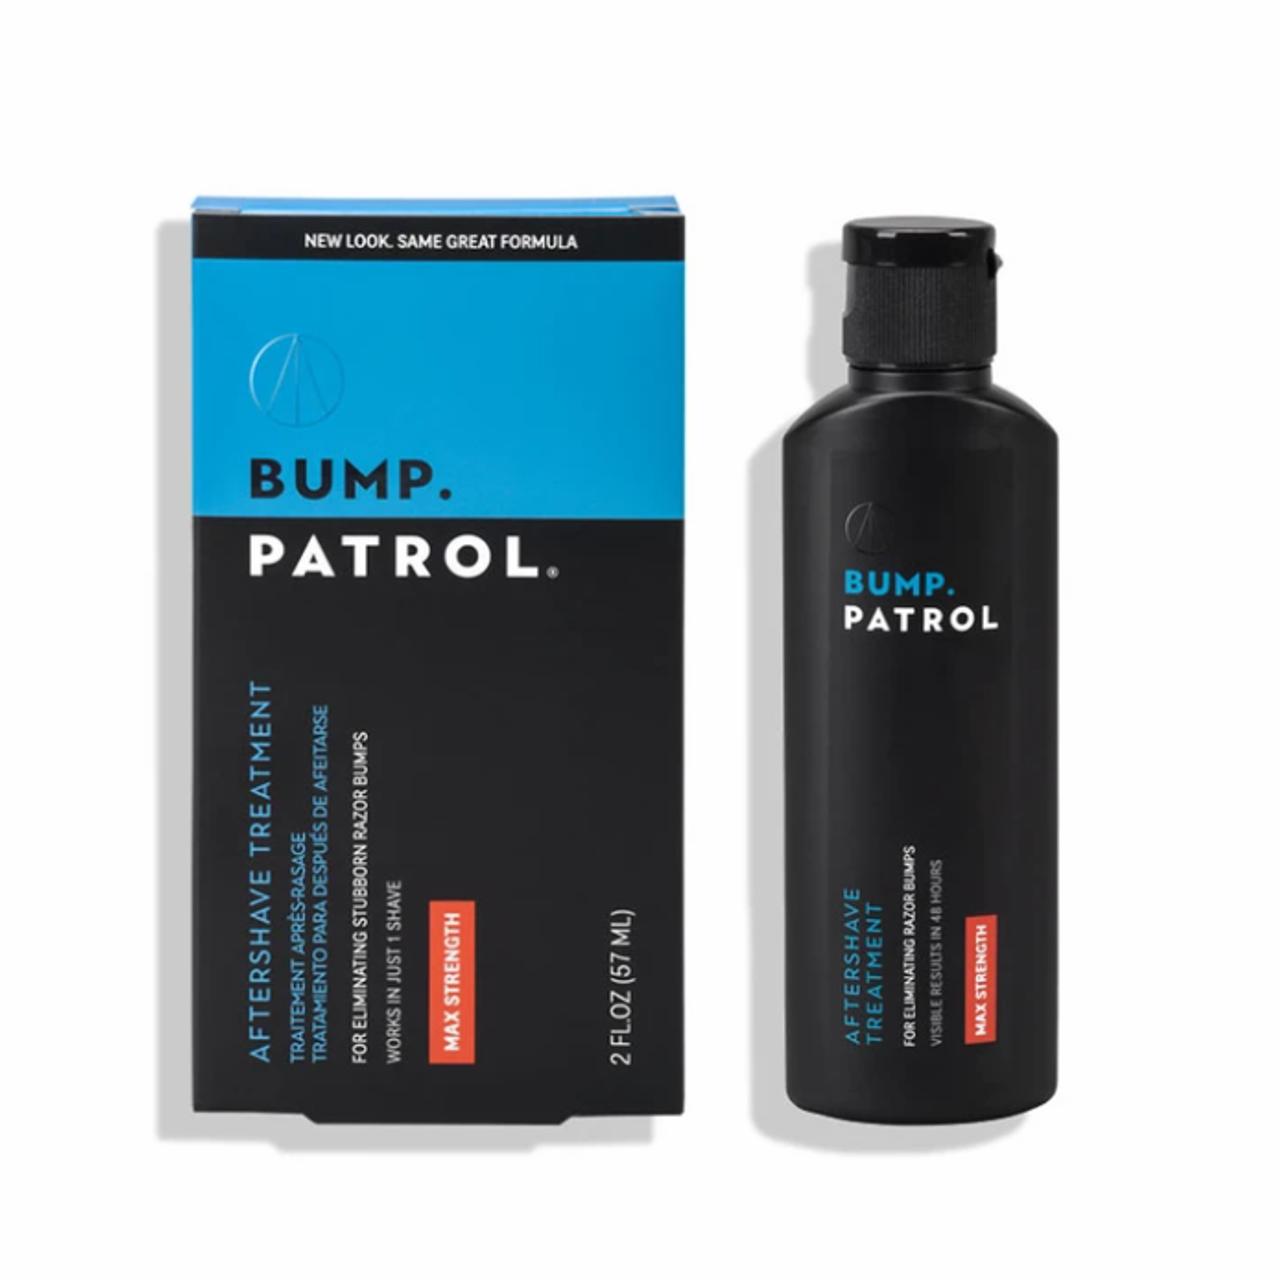 Bump Patrol Extra Strength - Large